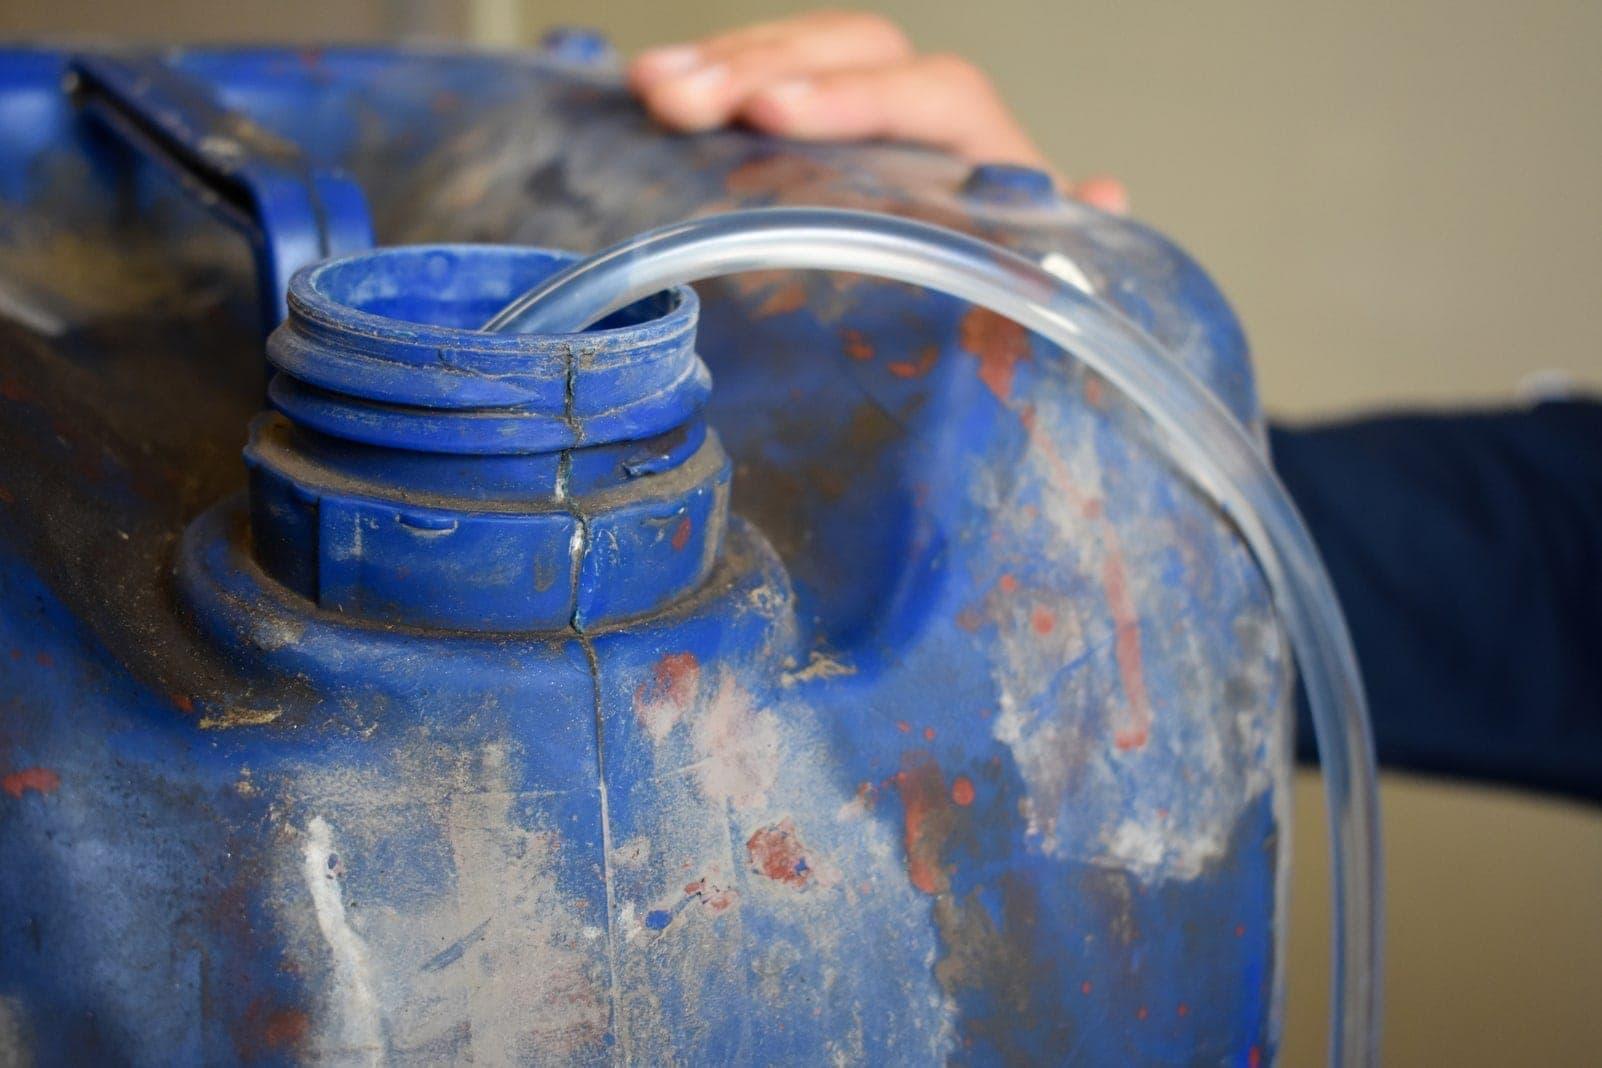 Kanister Benzin